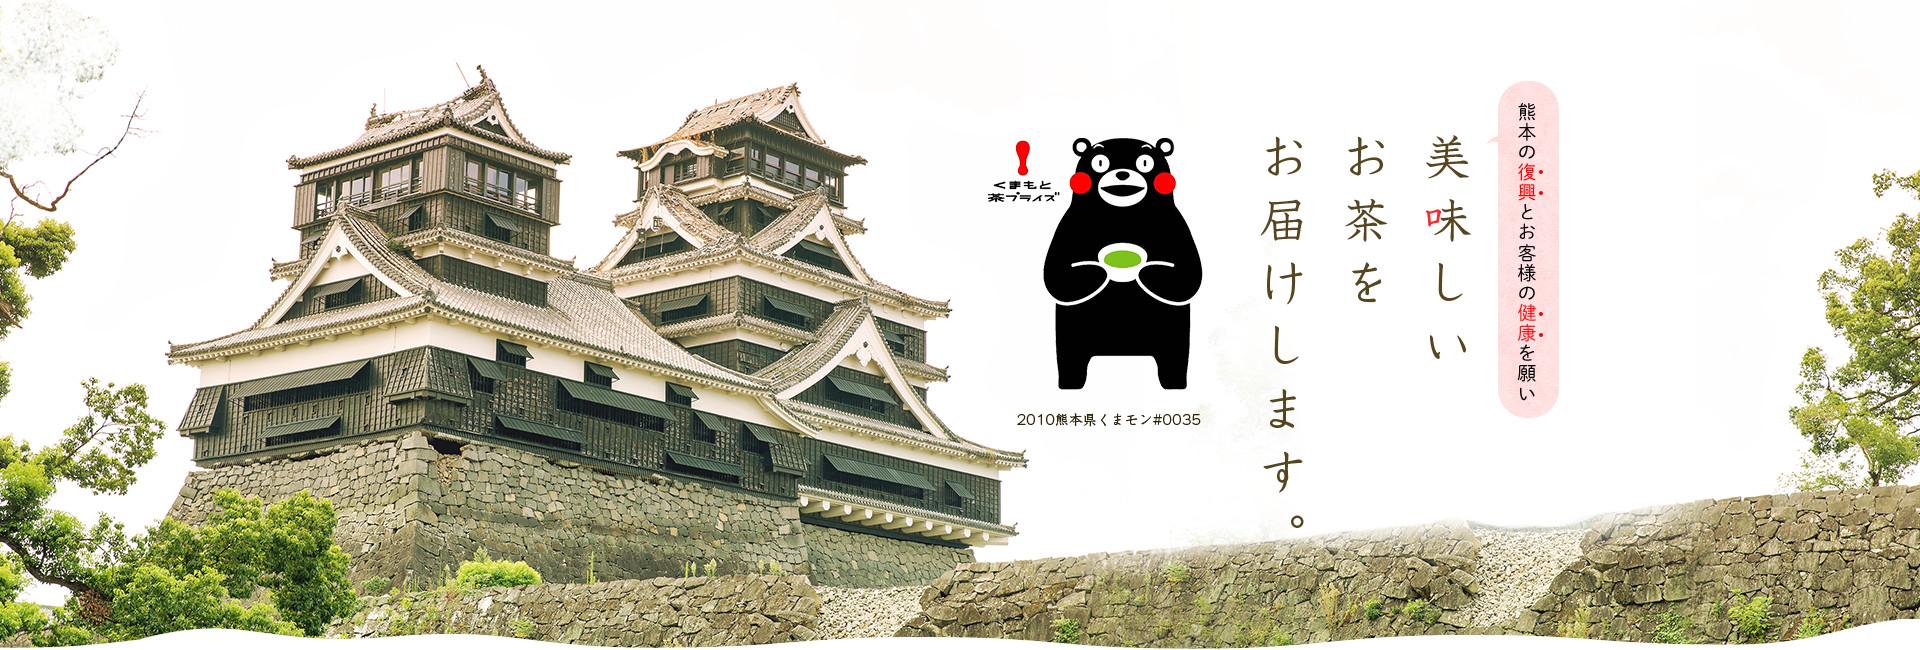 お茶のまち熊本より美味しいお茶をお届けします。